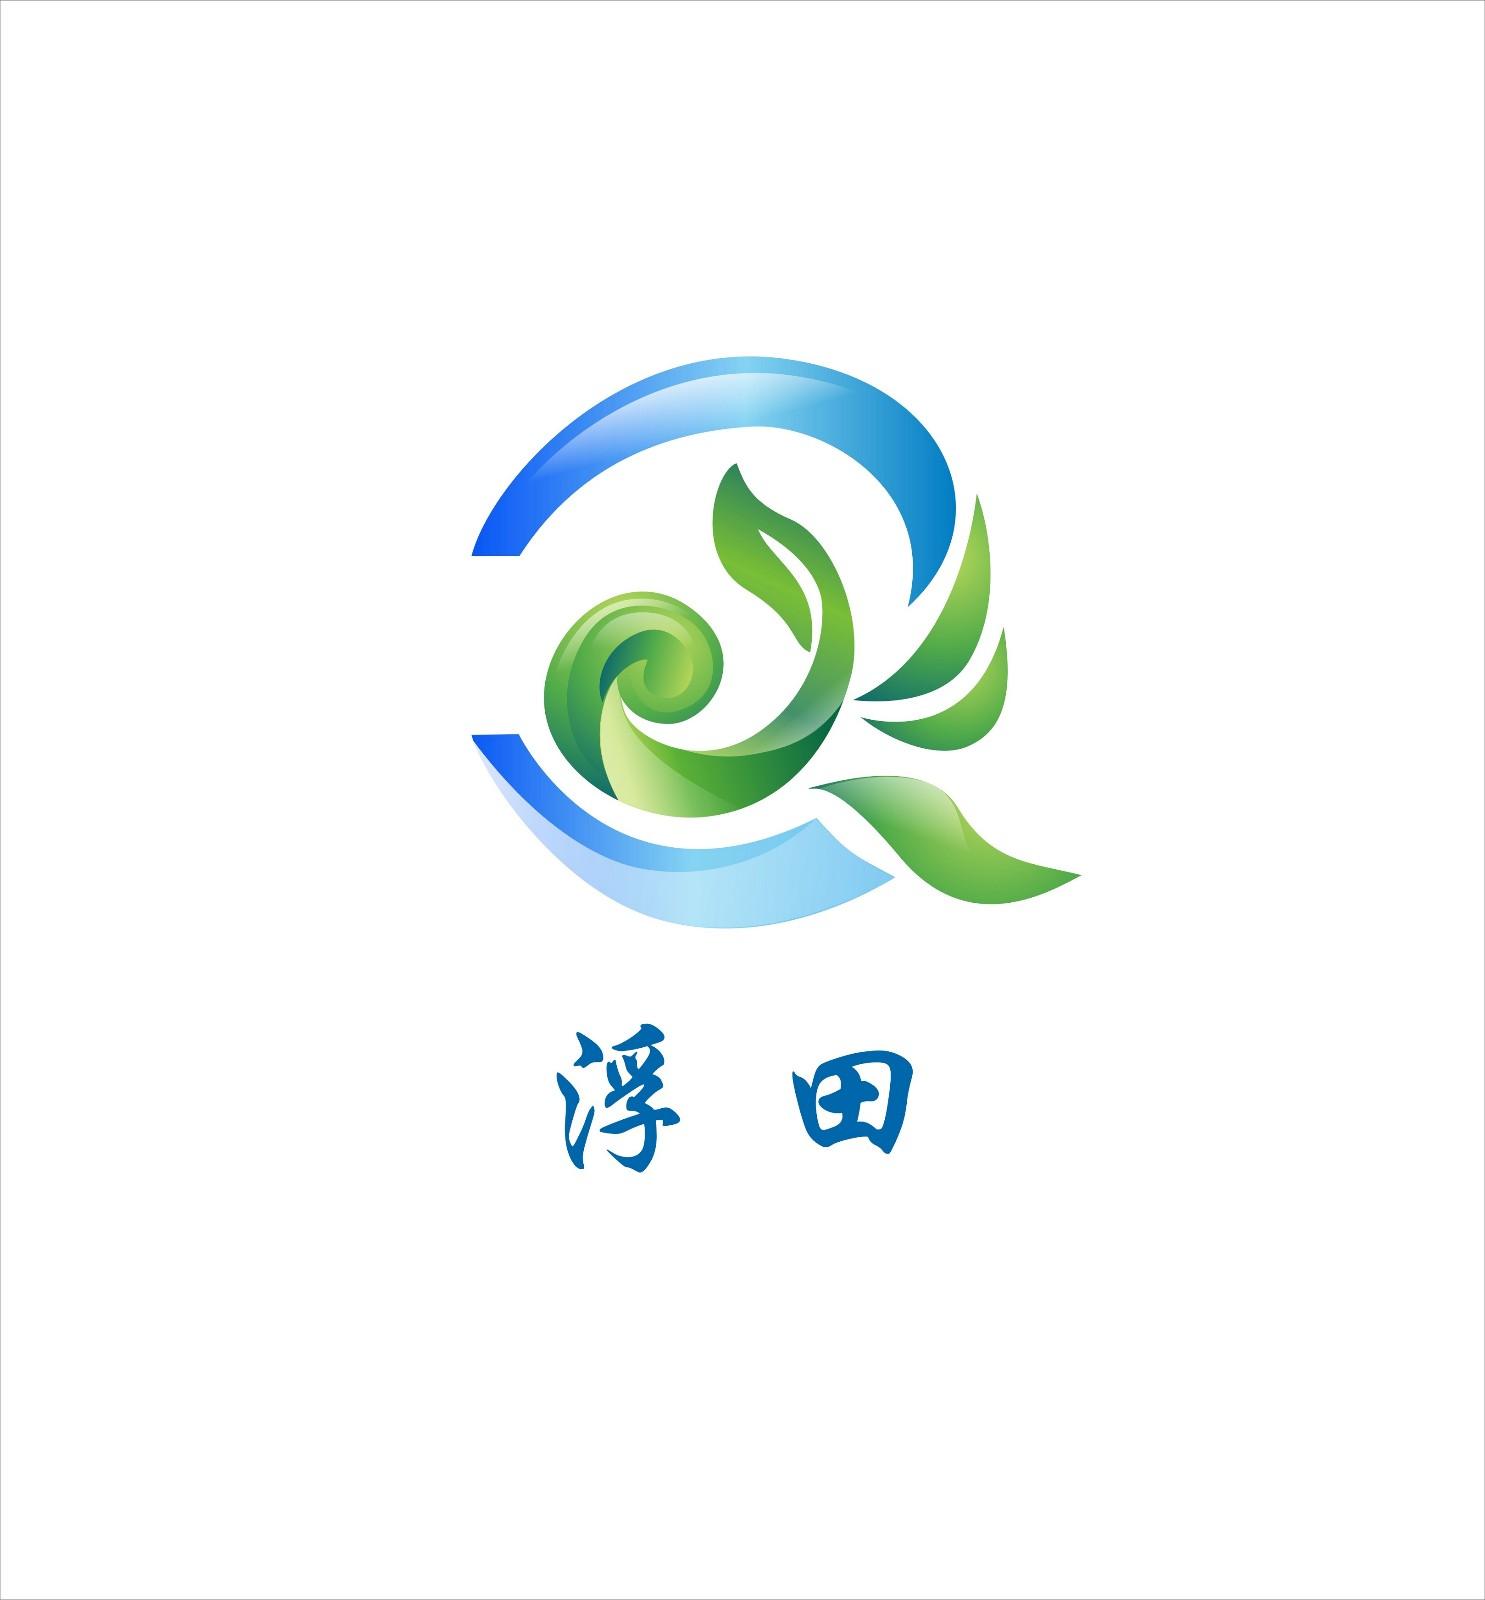 宁波浮田生物技术有限公司